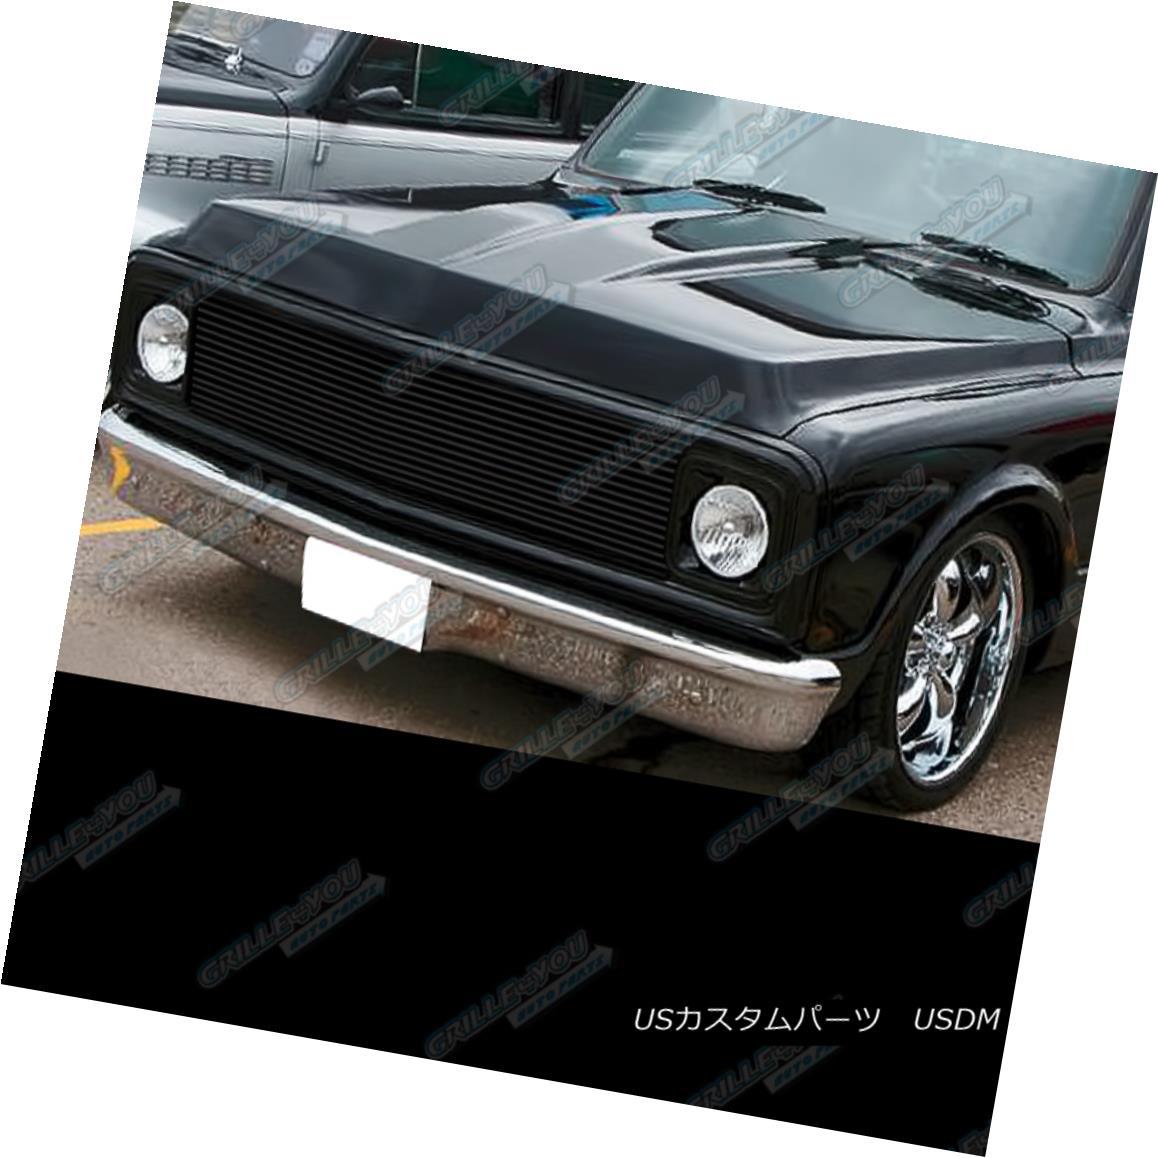 グリル Fits 1969-1972 Chevy Blazer/C/K Pickup/Suburban Black Billet Grille Insert フィット1969-1972 Chevy Blazer / C / K Pickup / Suburba n Black Billet Grille Insert